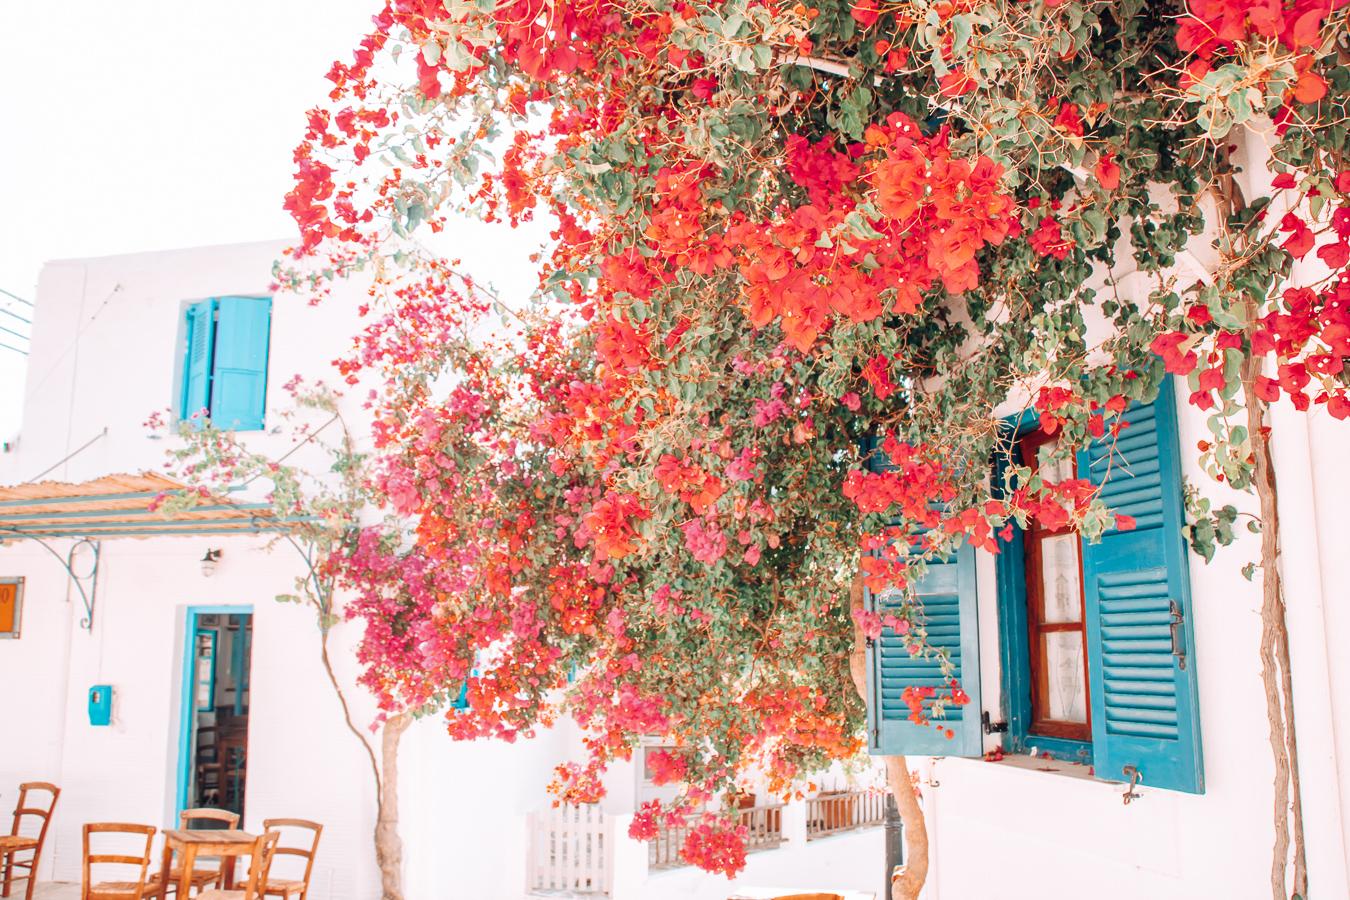 Flowers in Paros